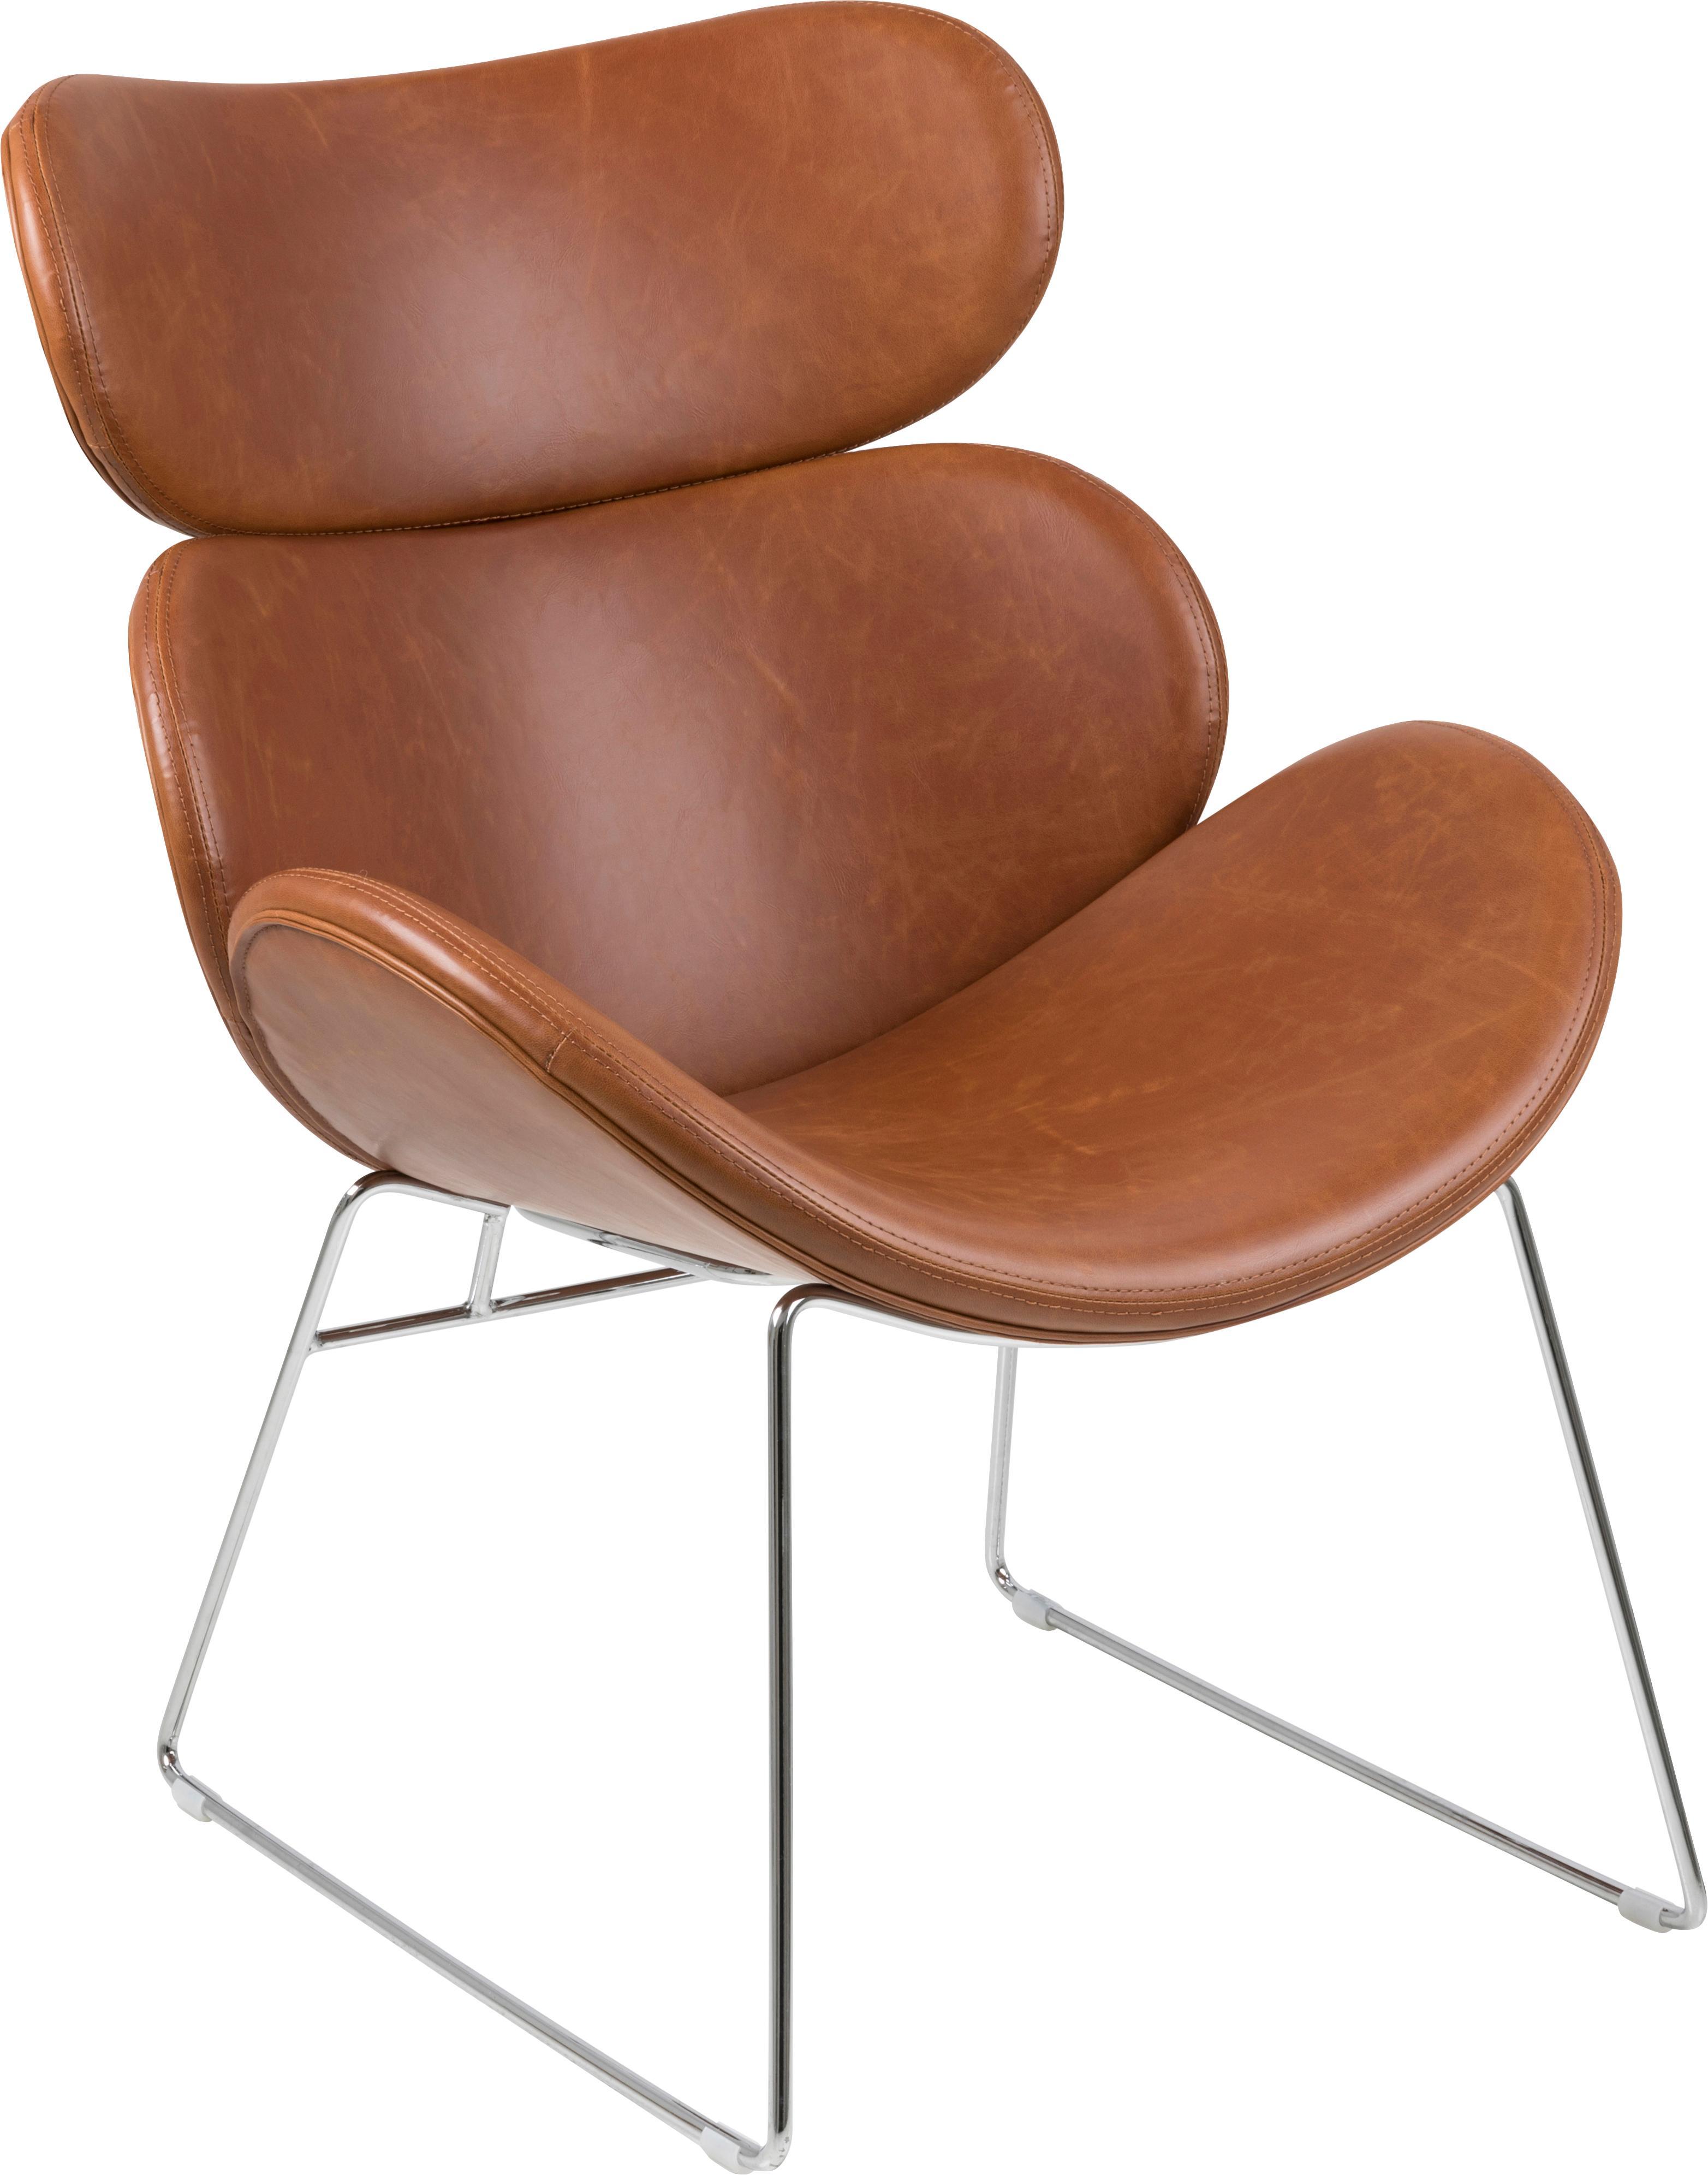 Fotel wypoczynkowy ze sztucznej skóry Cazar, Tapicerka: sztuczna skóra (poliureta, Stelaż: metal chromowany, Koniakowy, chrom, S 69 x G 79 cm